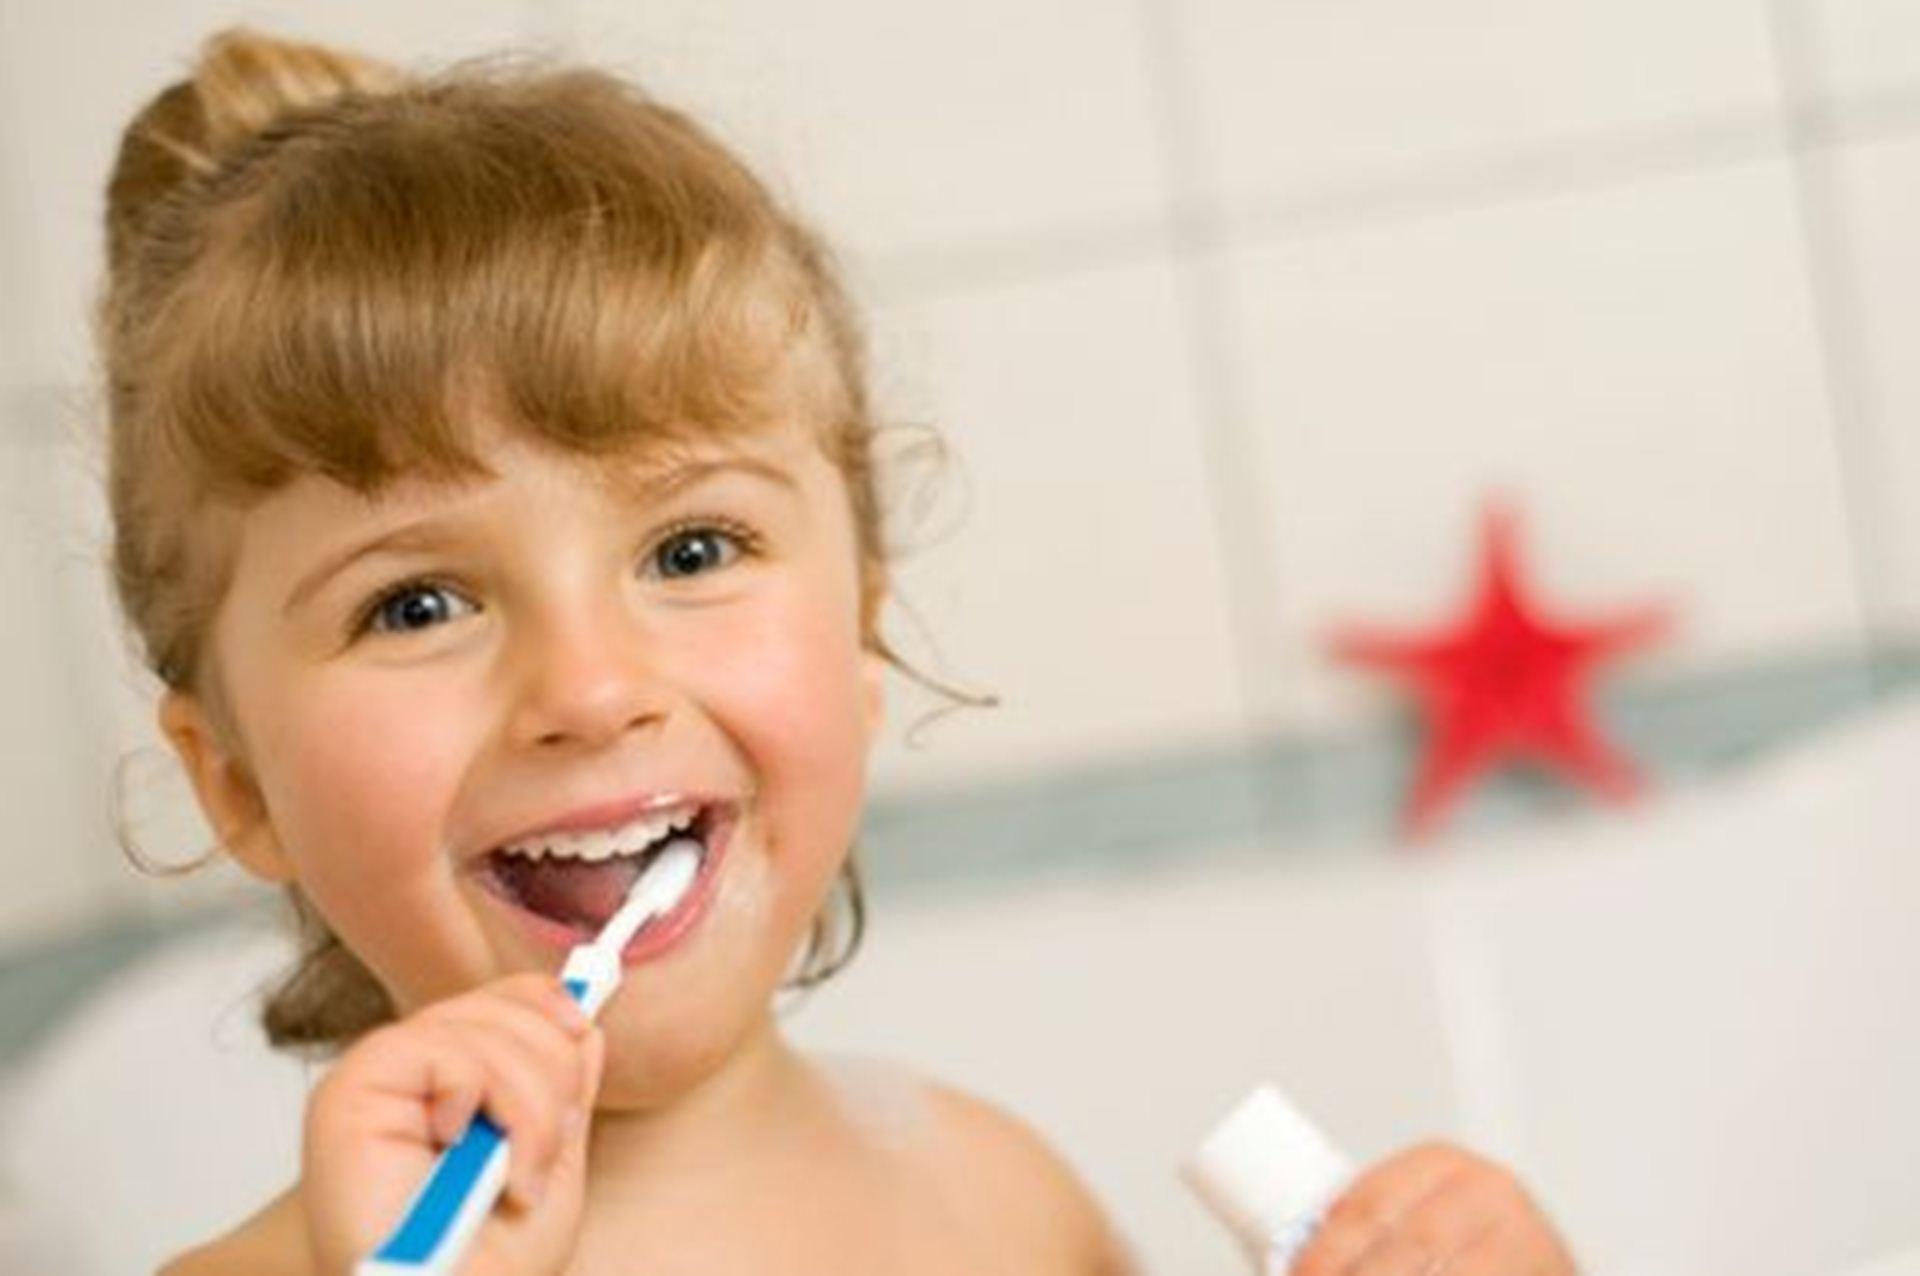 牙齿疾病早发现 牙套也能查蛀牙